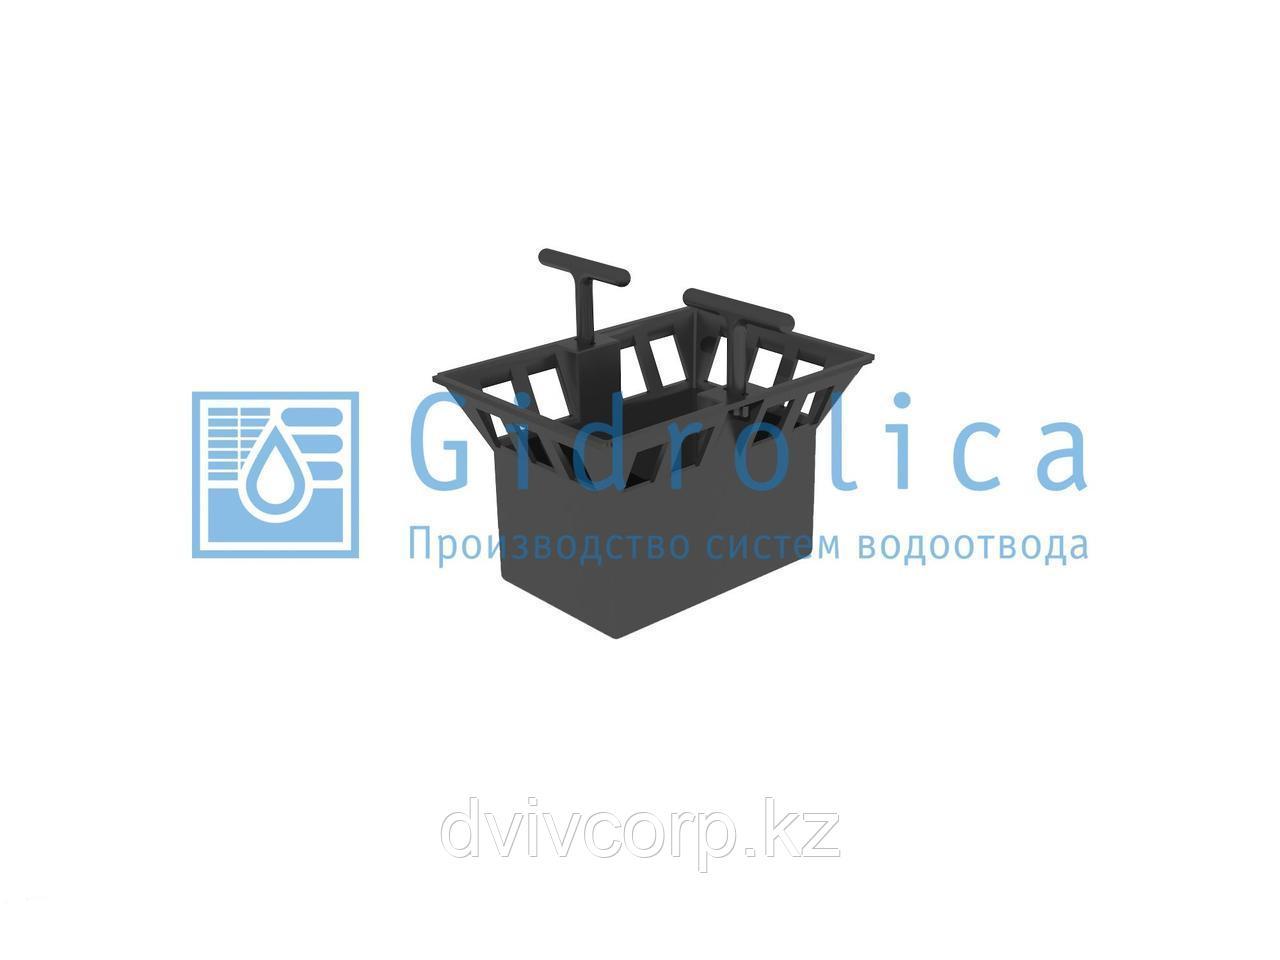 Арт. 213 Корзина для дождеприёмника Gidrolica Point ДП-20.20 – пластиковая